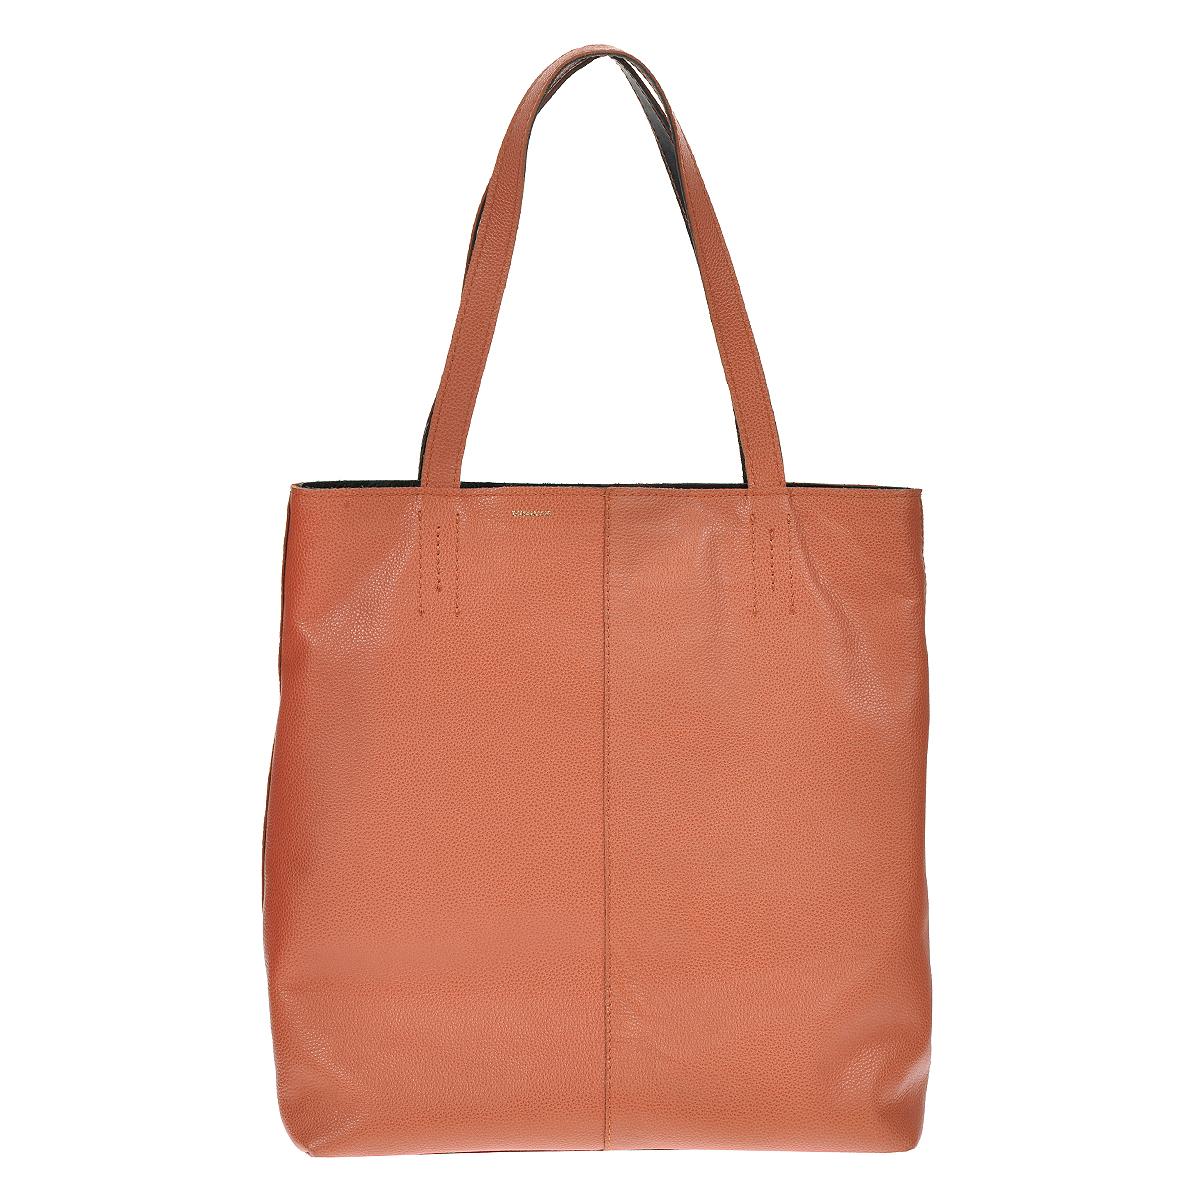 Сумка женская Dimanche Shop Bag, цвет: коралловый. 433433Стильная женская сумка Dimanche Shop Bag выполнена из натуральной высококачественной кожи. Сумка имеет одно отделение и закрывается на застежку-молнию. Внутри - два кармана на молнии и один открытый кармашек. Сумка оснащена двумя удобными ручками, позволяющими носить ее на плече. Сумка упакована в фирменный текстильный мешок. Сумка женская Dimanche Shop Bag подчеркнет вашу яркую индивидуальность и сделает образ завершенным. Характеристики: Размер сумки: 40 см х 37 см х 12 см.